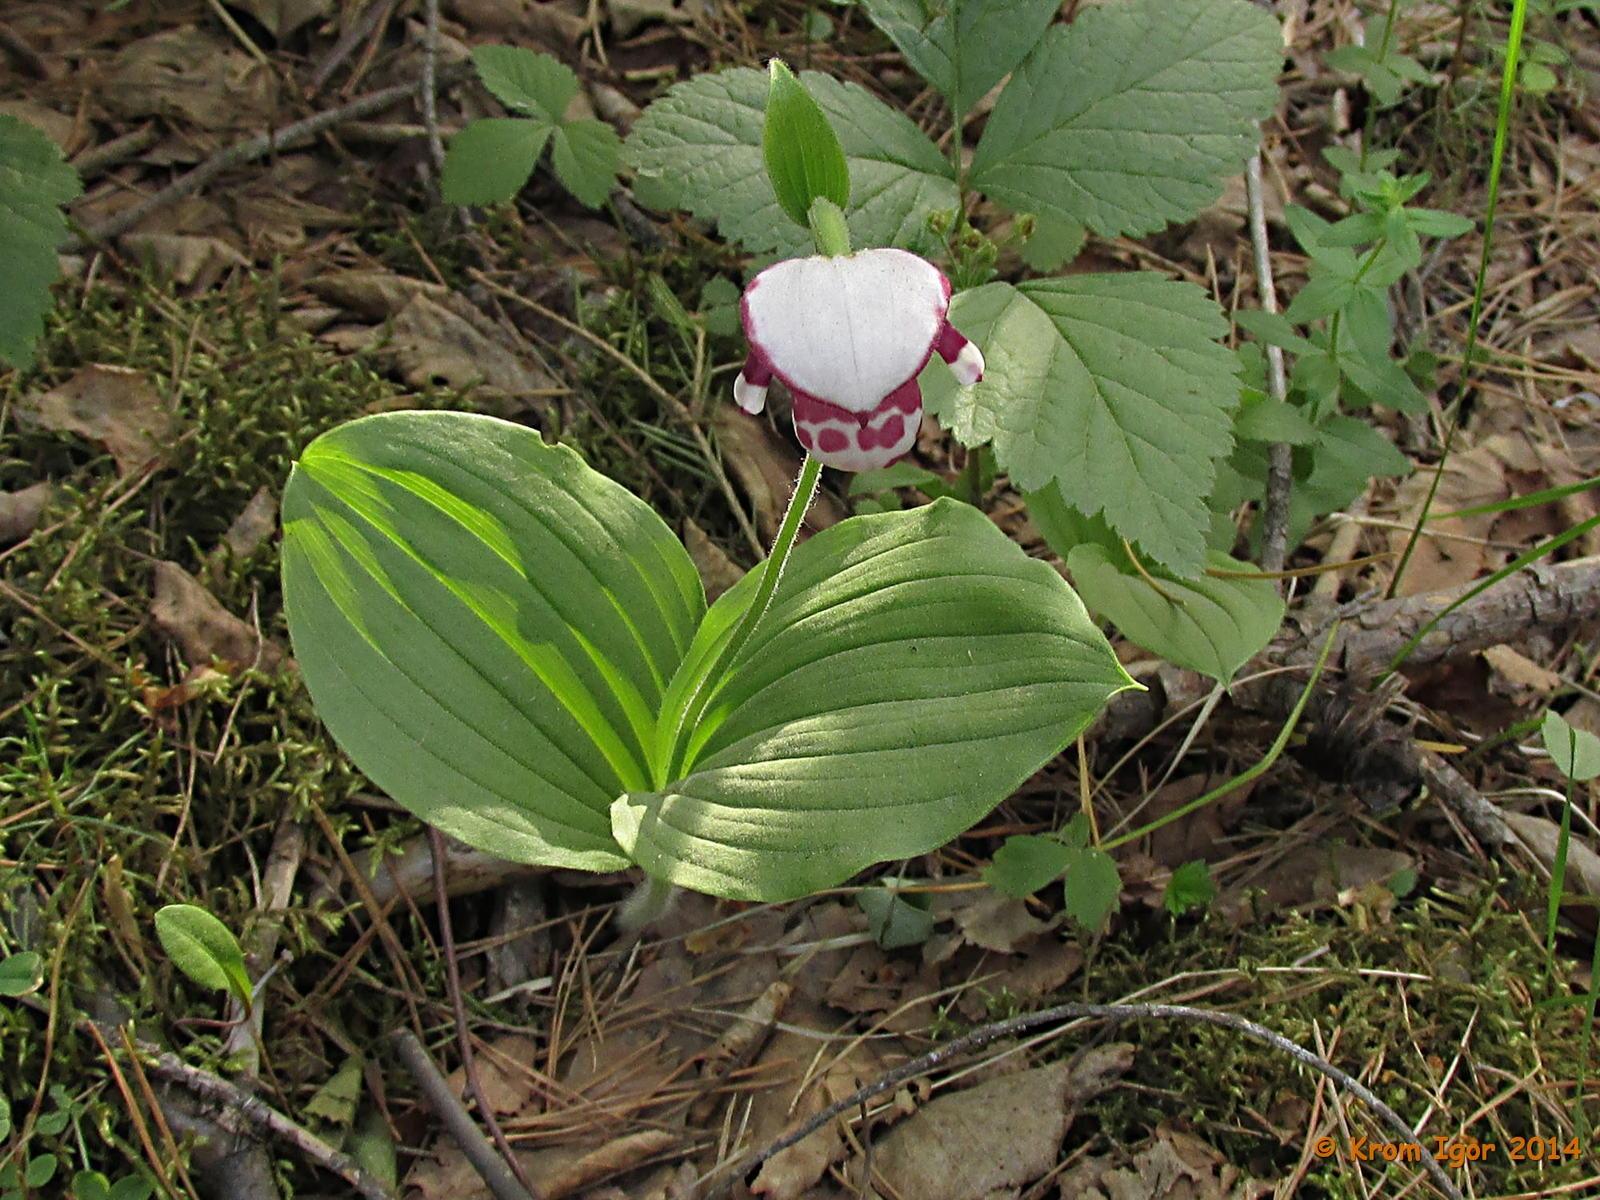 Венерин башмачок капельный (Cypripedium guttatum). Автор фото: Кром Игорь